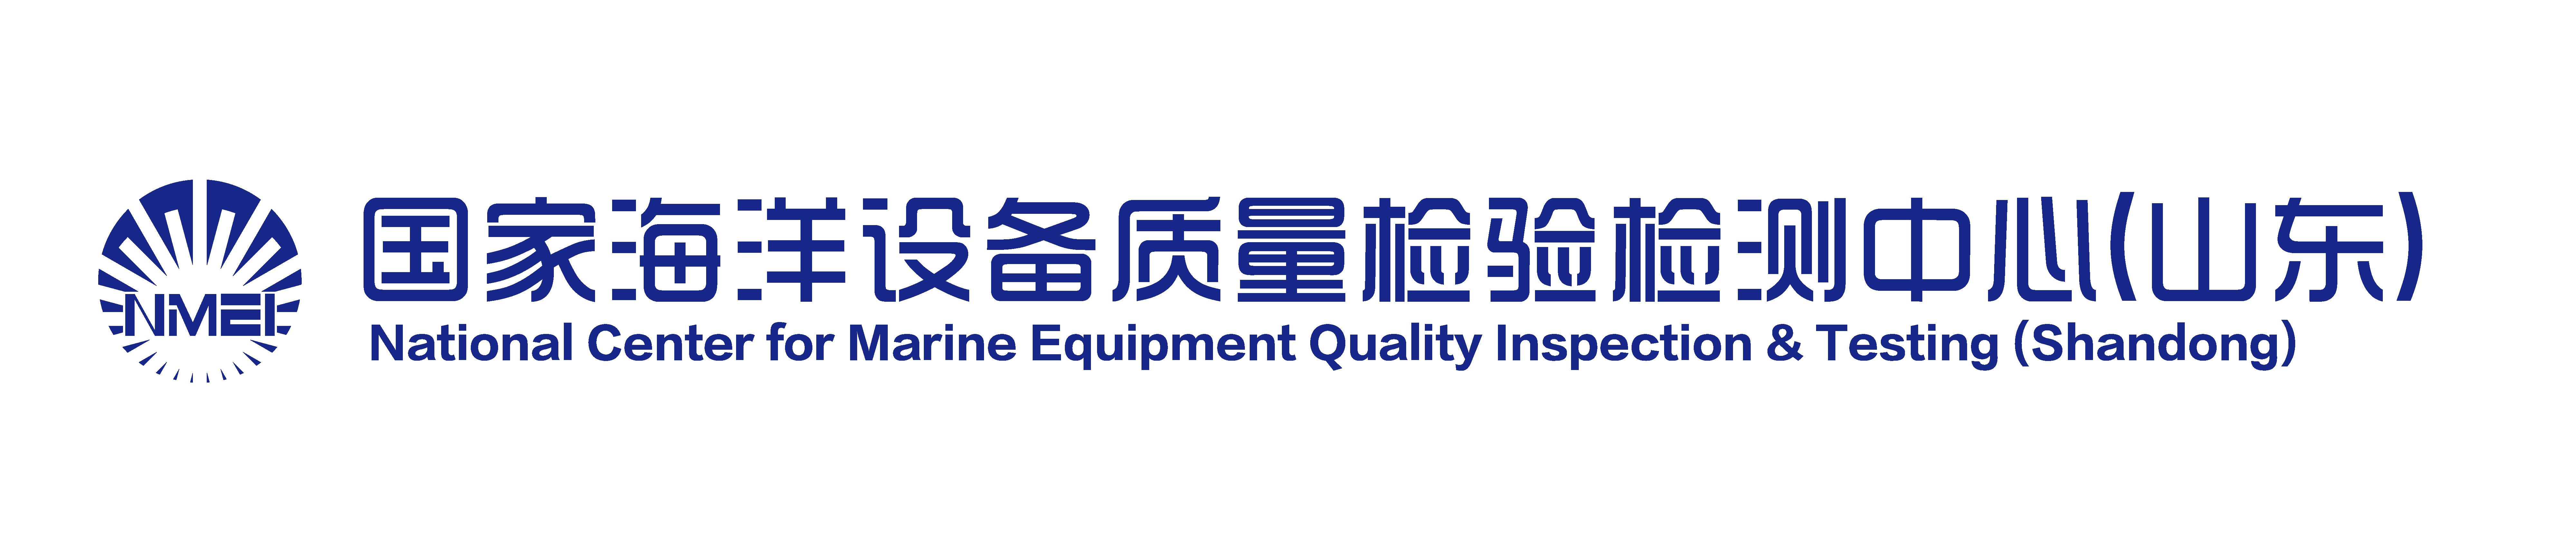 国家海洋设备质量检验检测中心(山东)